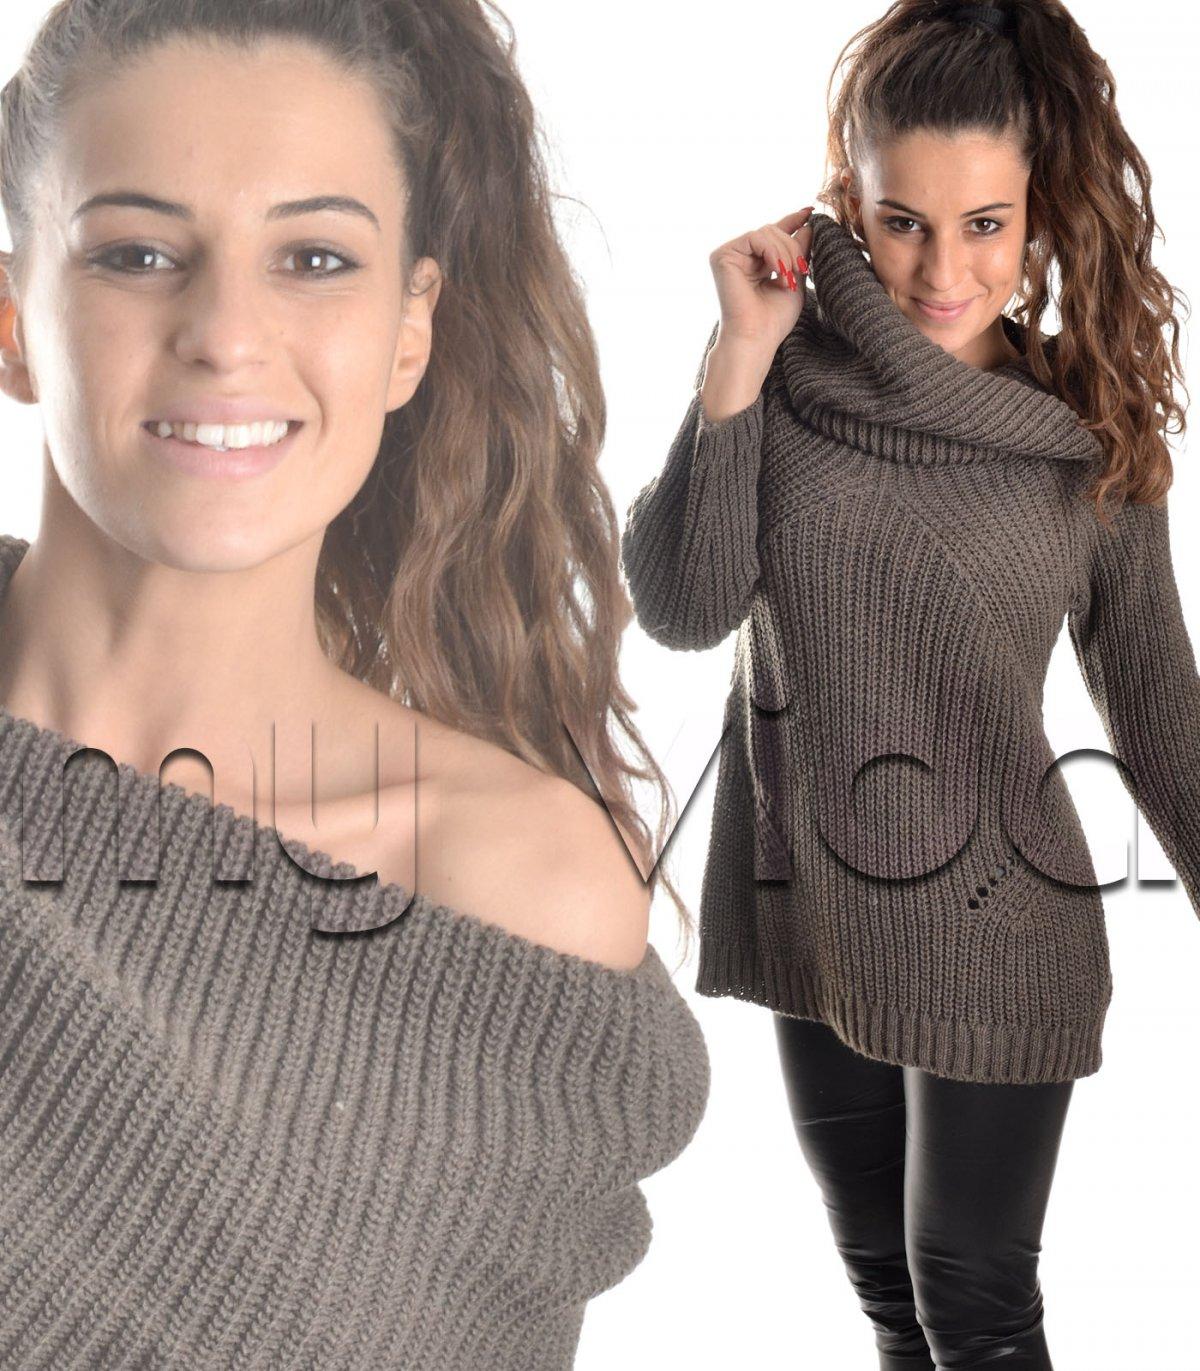 ampia scelta di colori e disegni sito autorizzato vendite all'ingrosso Maglione collo alto maglia inglese | My Vida